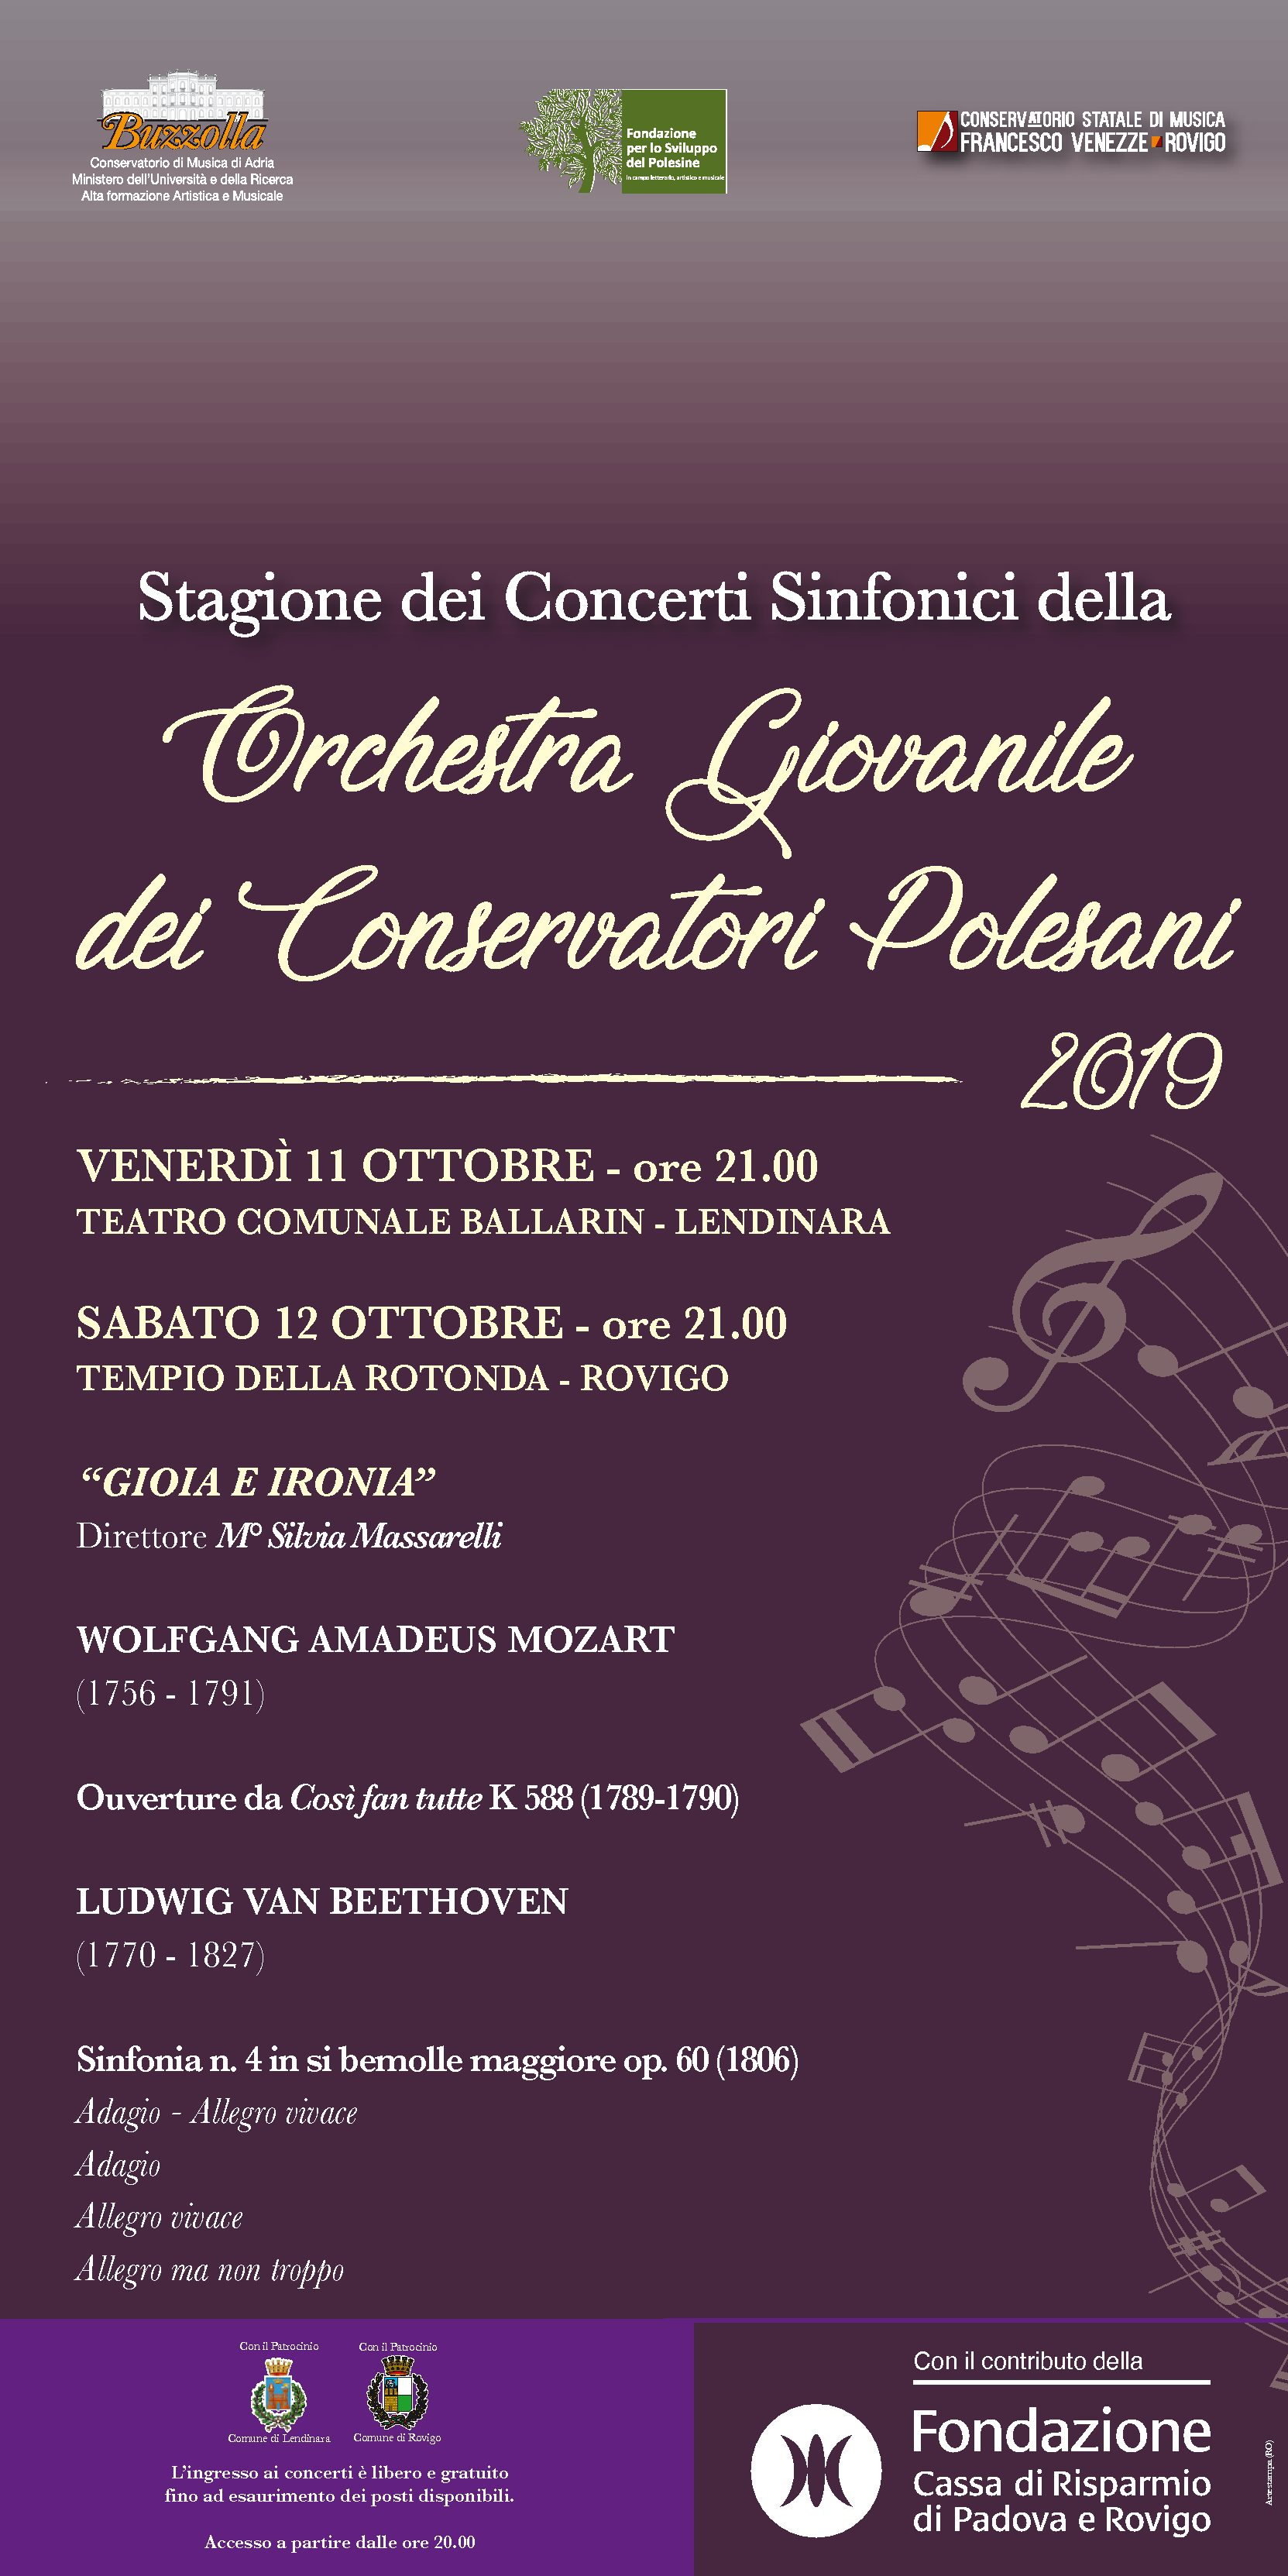 Concerti Orchestra Giovanile dei Conservatori Polesani